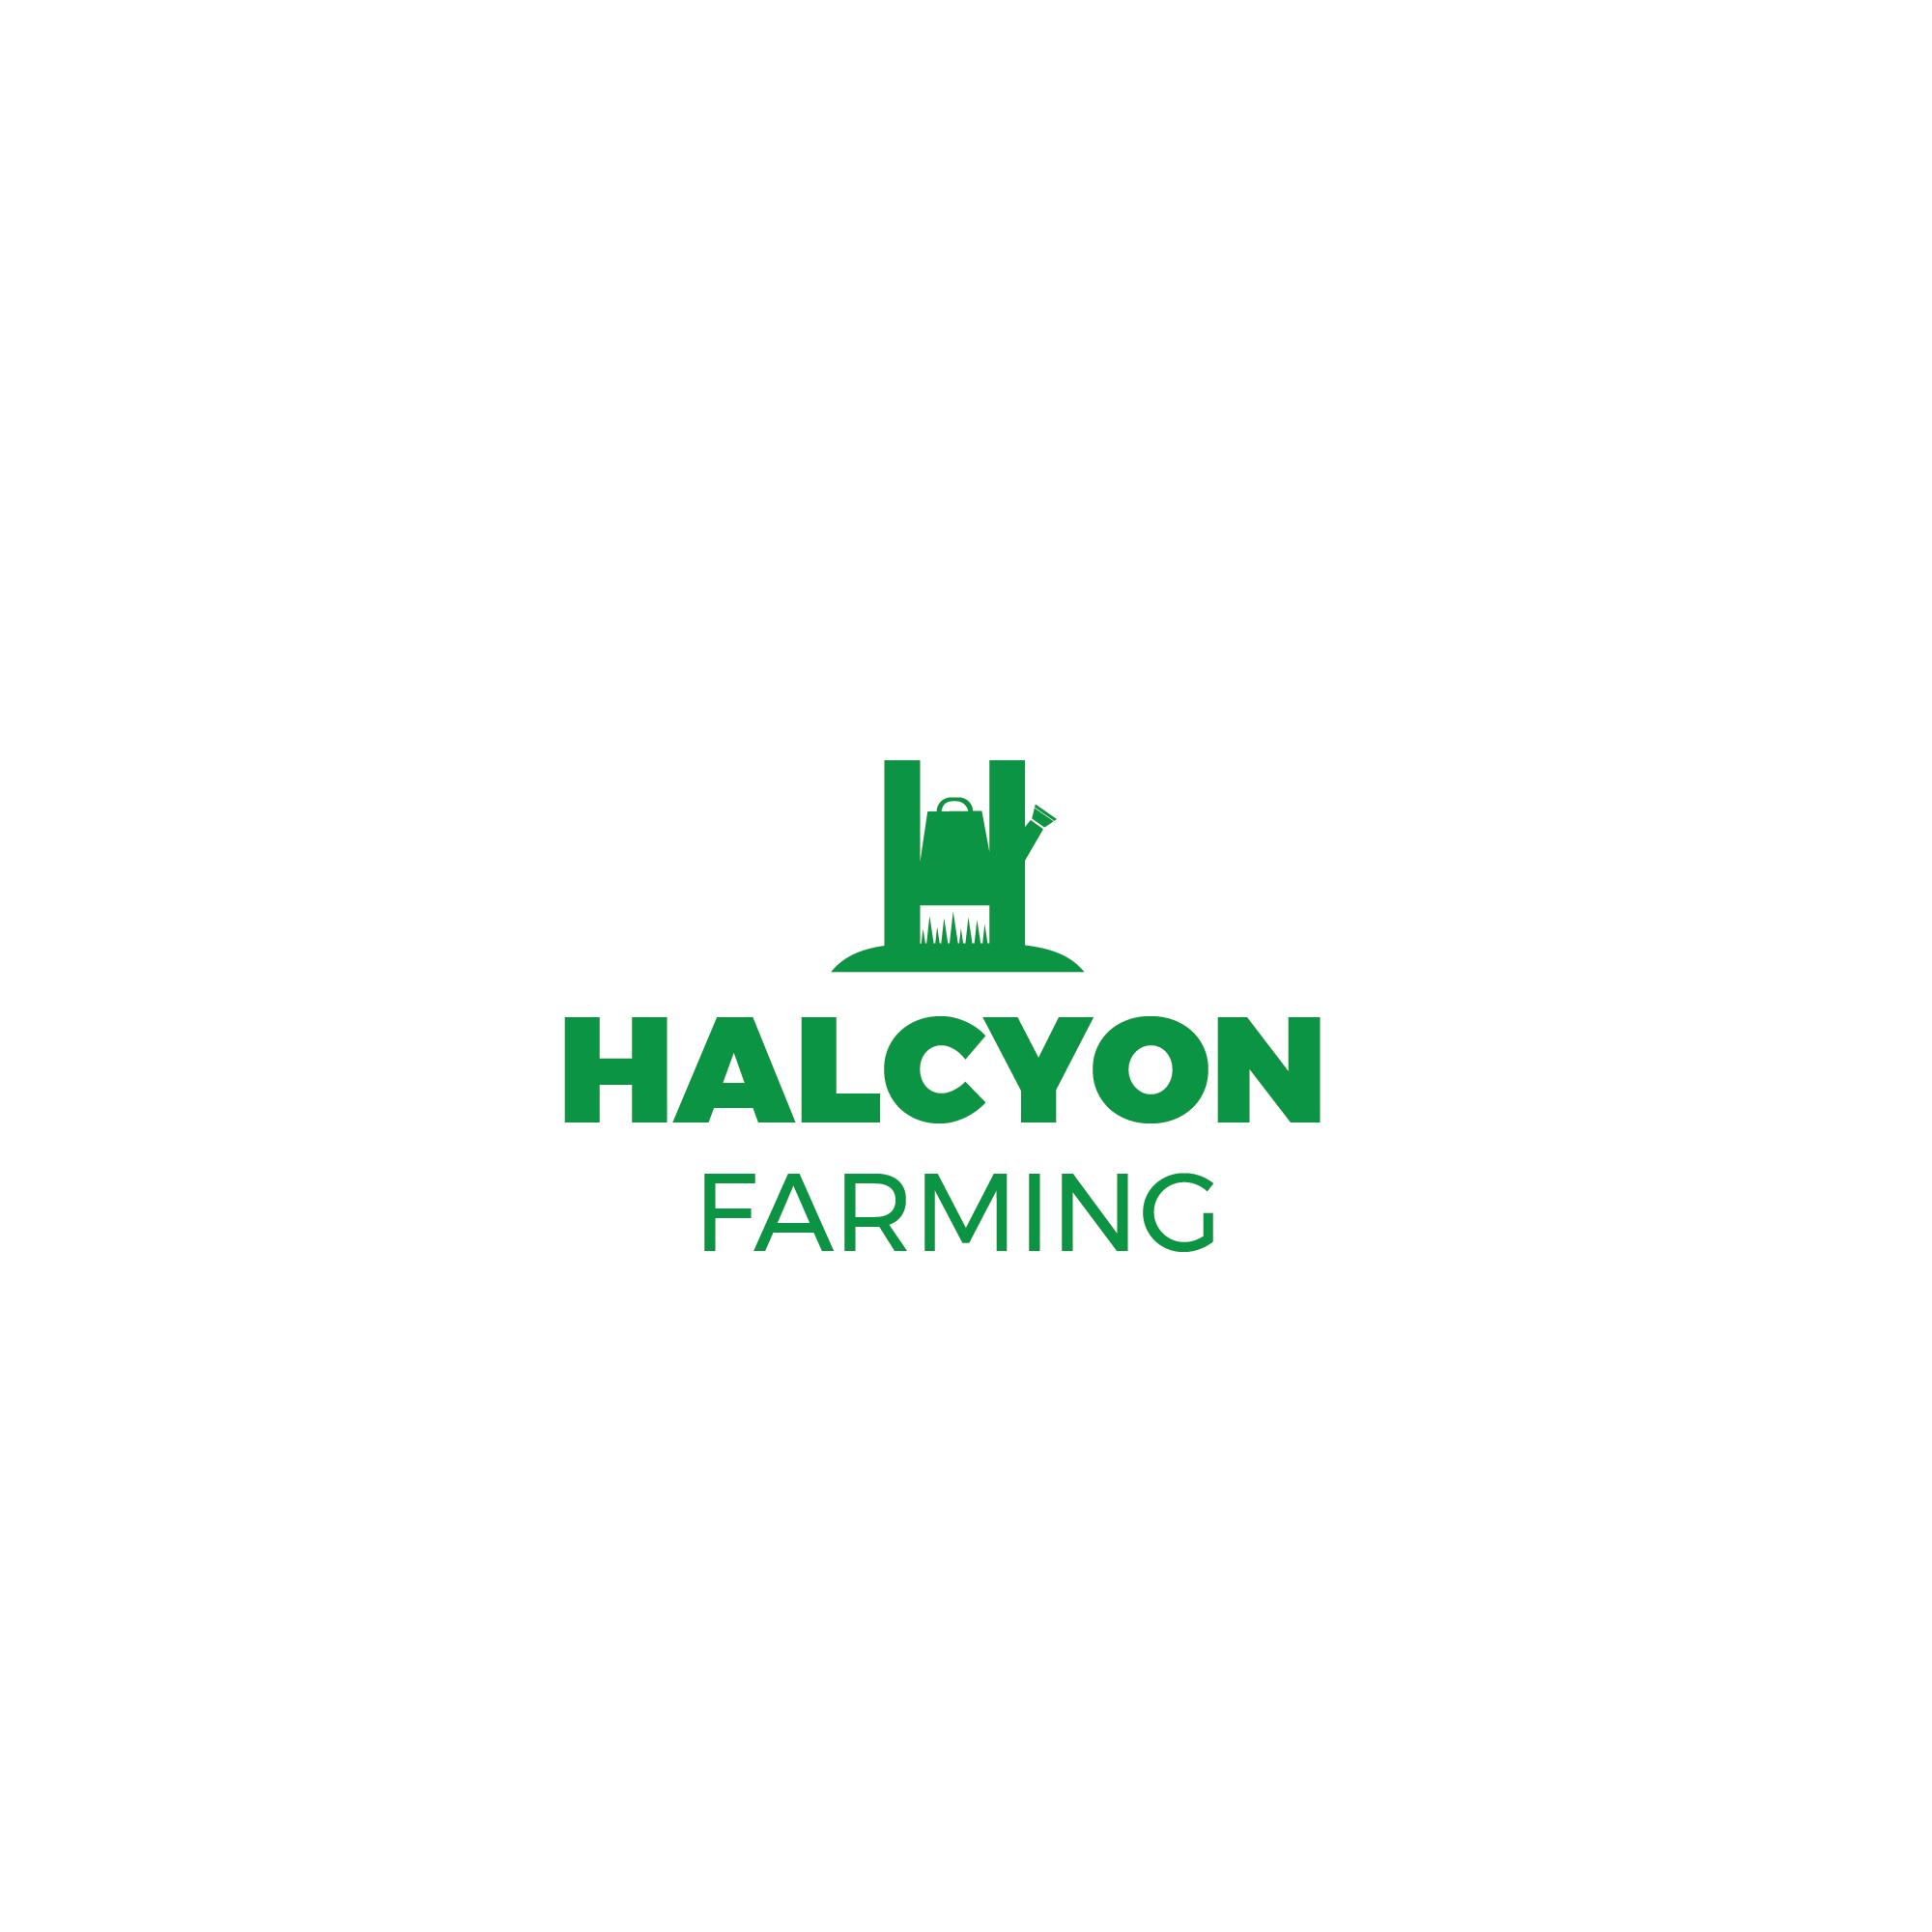 Logo Design by 354studio - Entry No. 81 in the Logo Design Contest Creative Logo Design for Halcyon Farming.